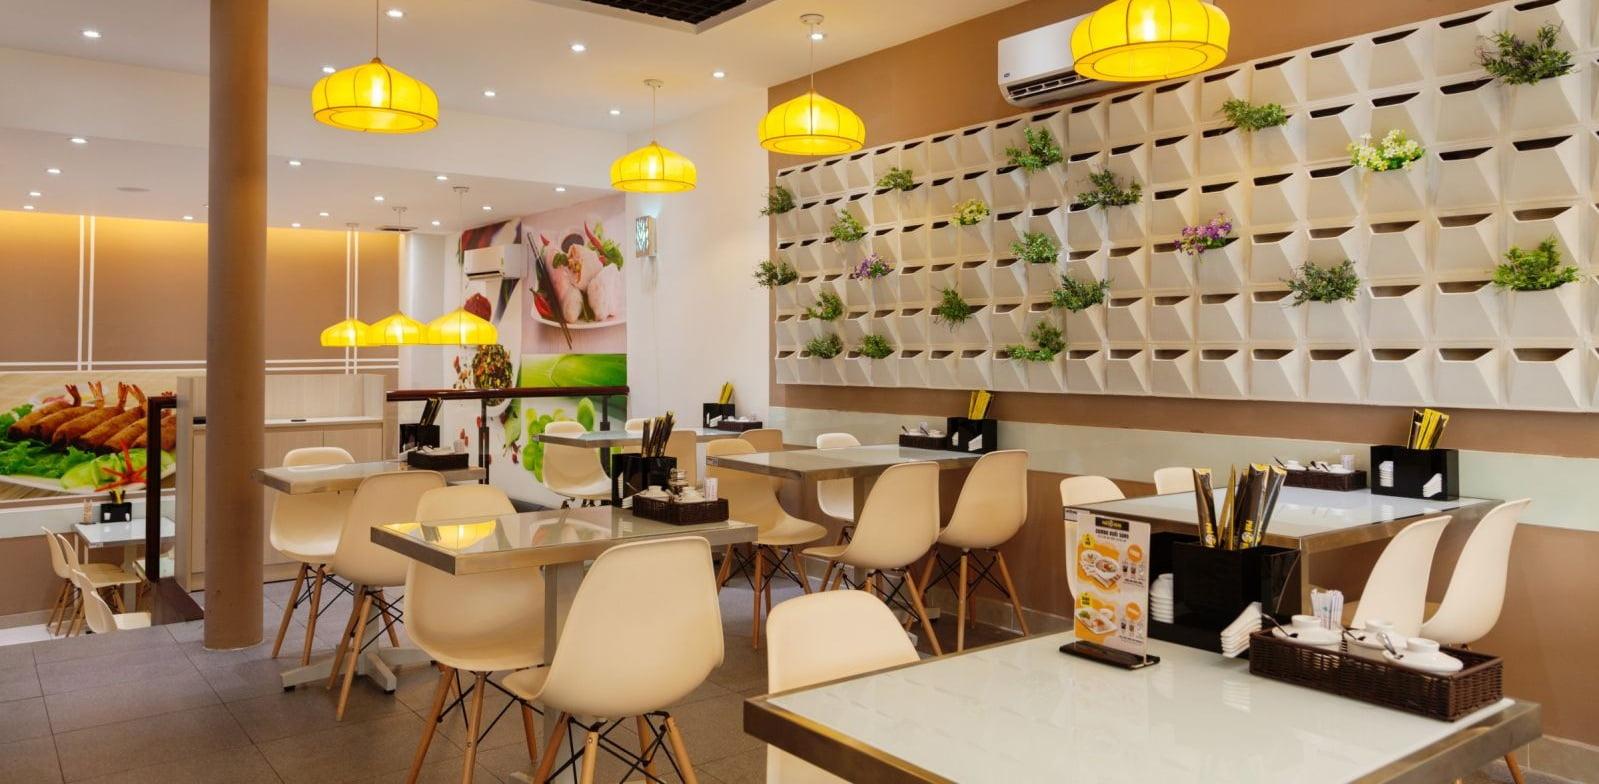 thiết kế thi công nội thất nhà hàng 7